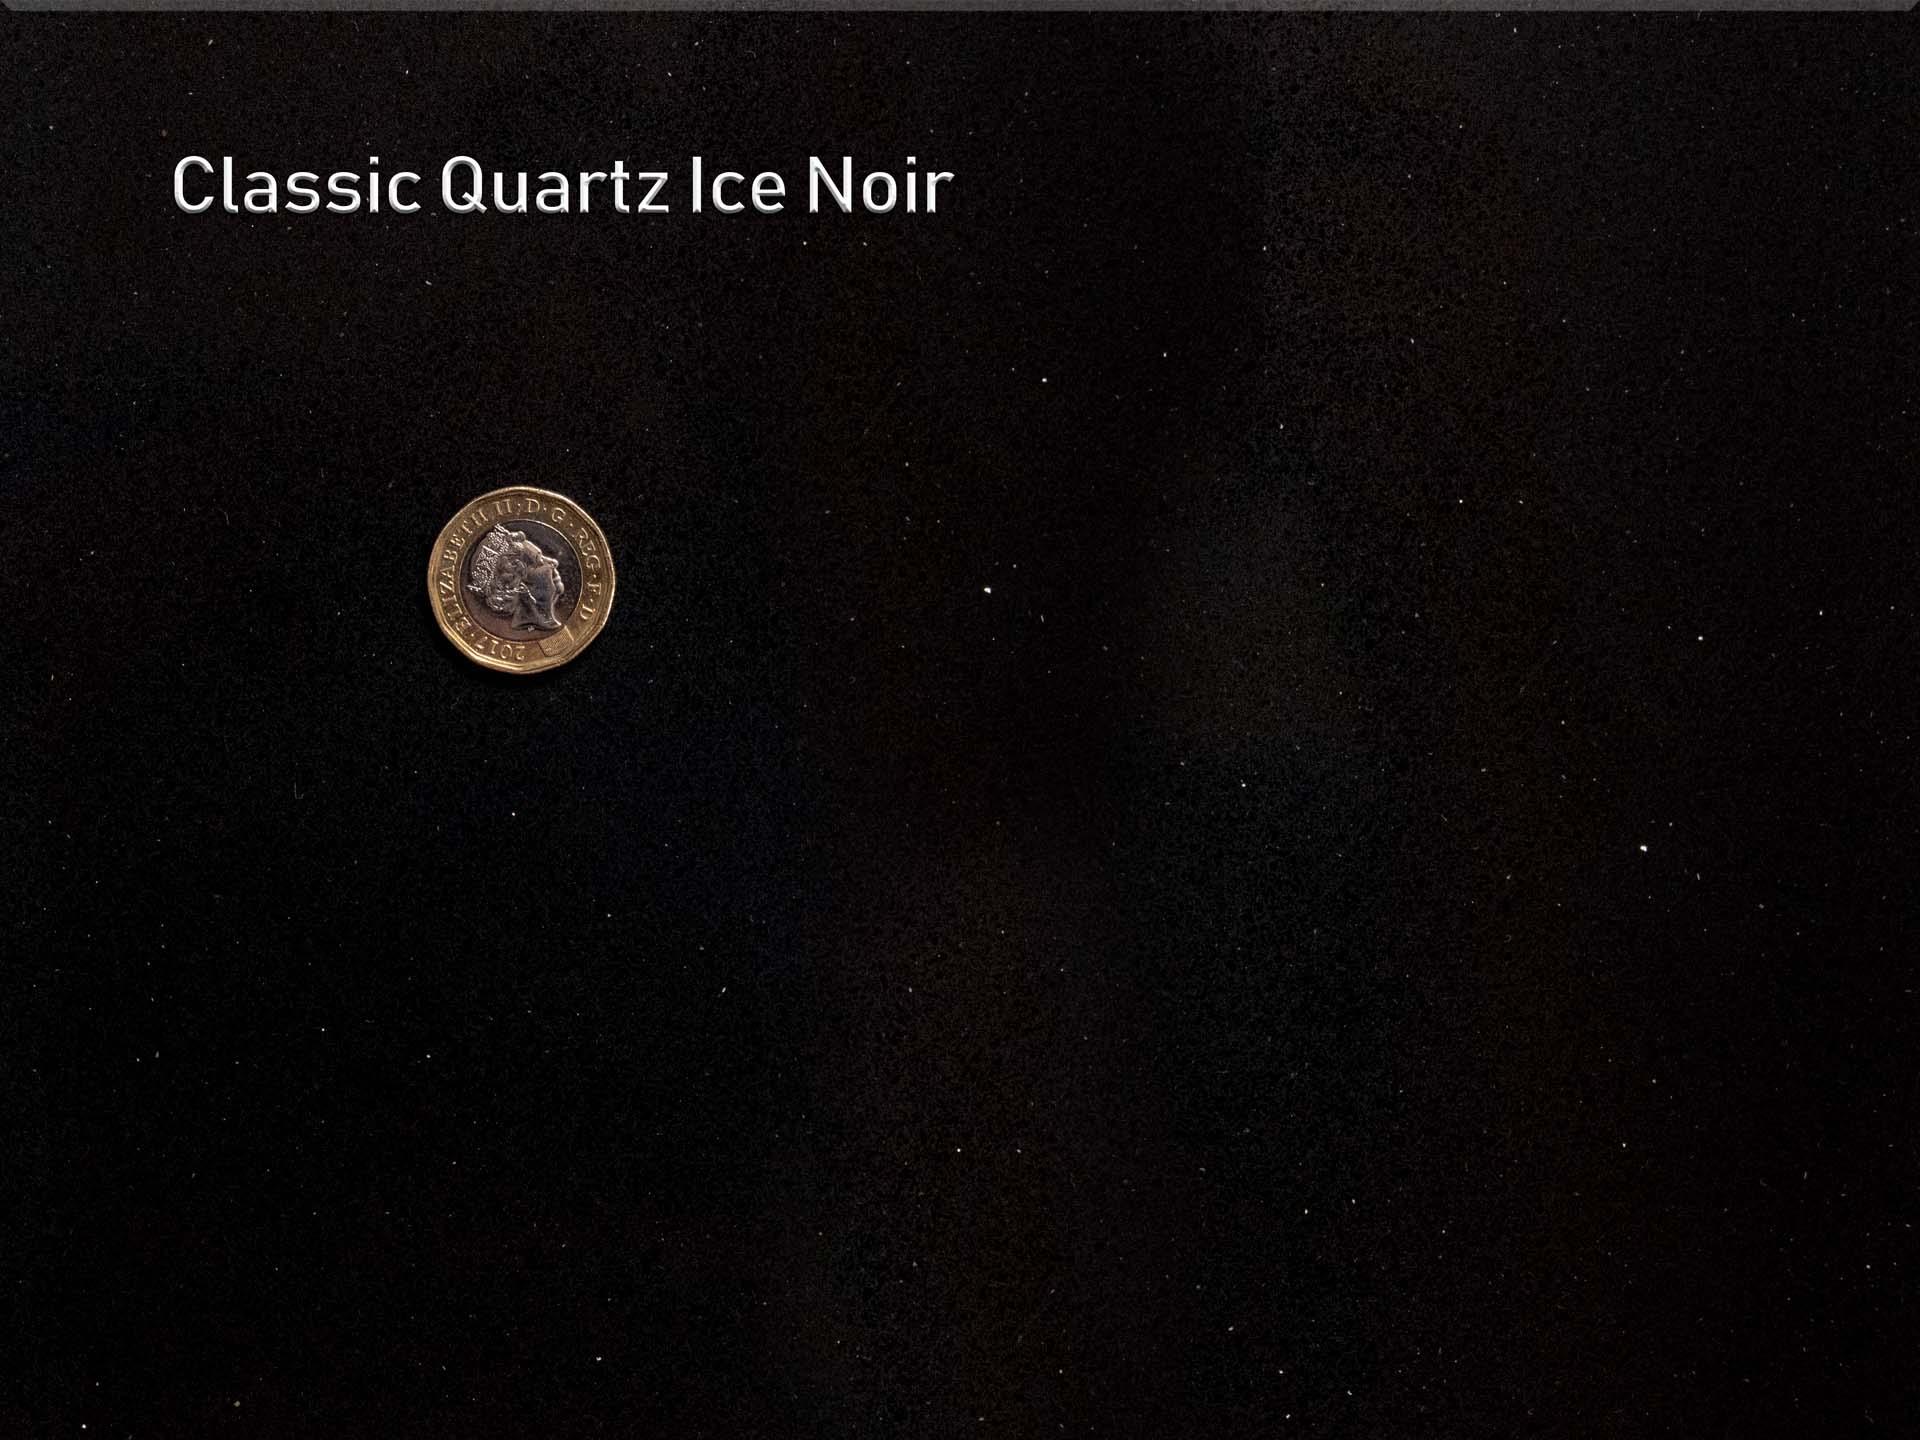 classic quartz ice noir small sparkly quartz worktops subtle special offer july 2019 164558